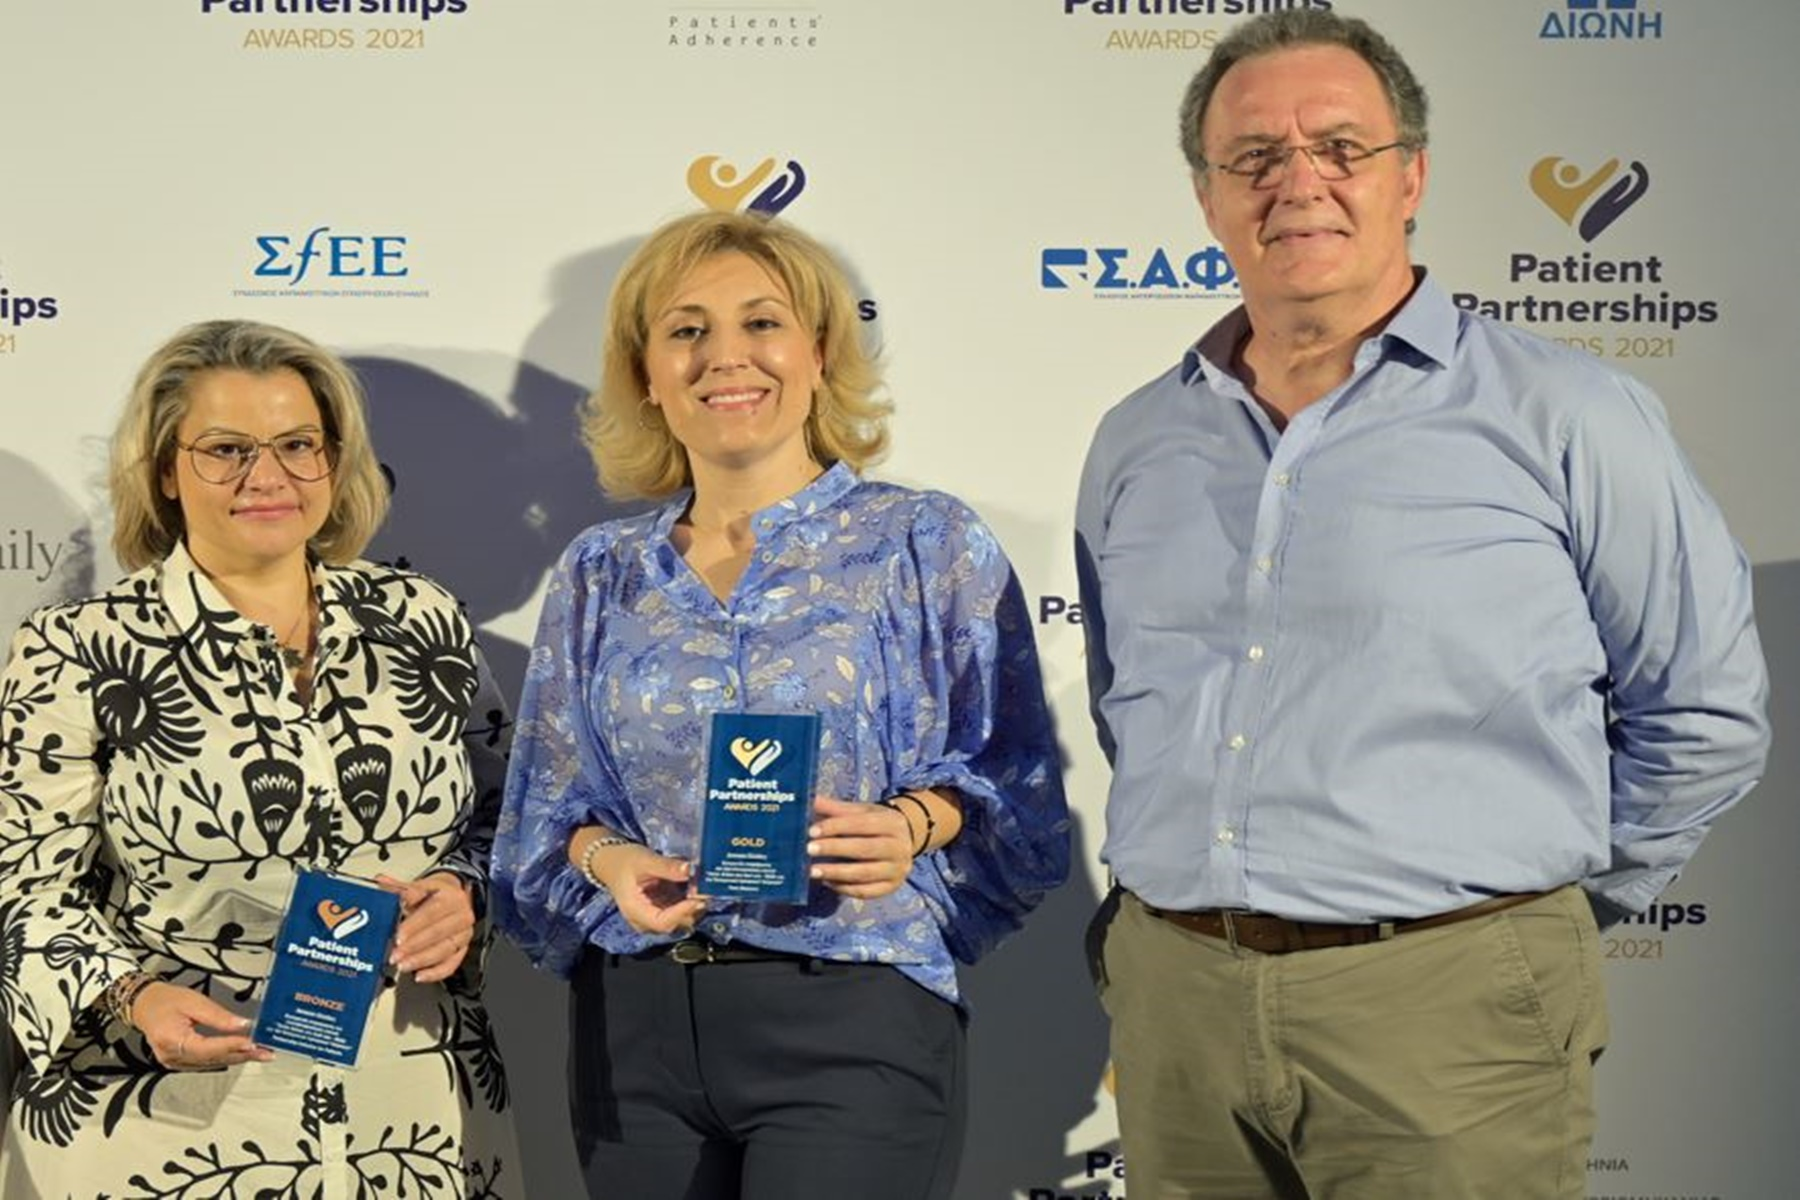 Φαρμακευτική εταιρία Janssen : Τιμήθηκε με δύο βραβεία